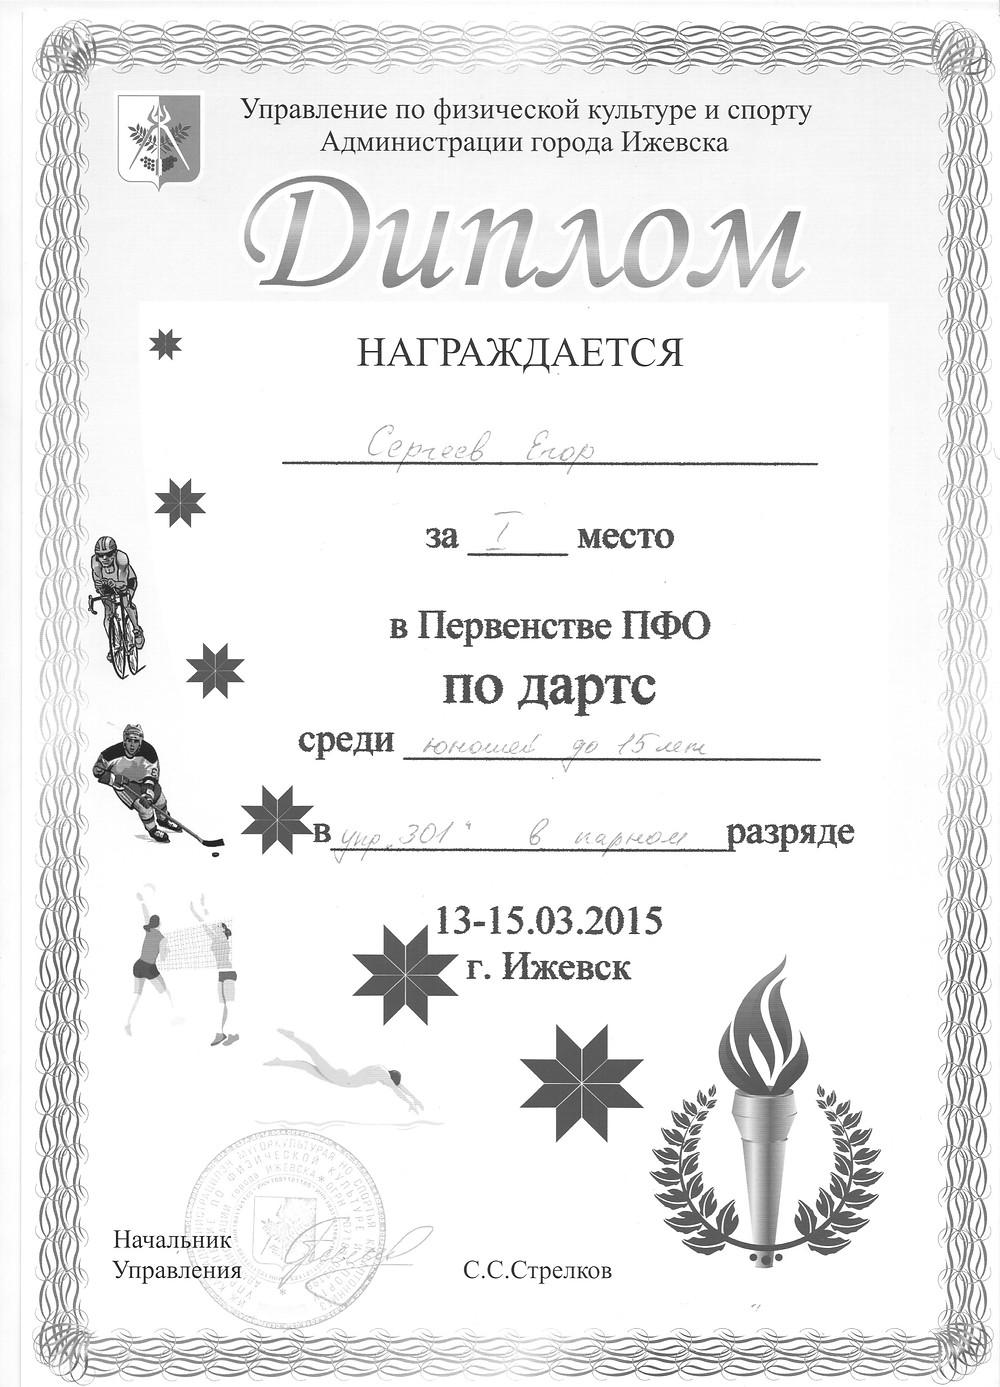 Сергеев Егор 1 парное.jpg